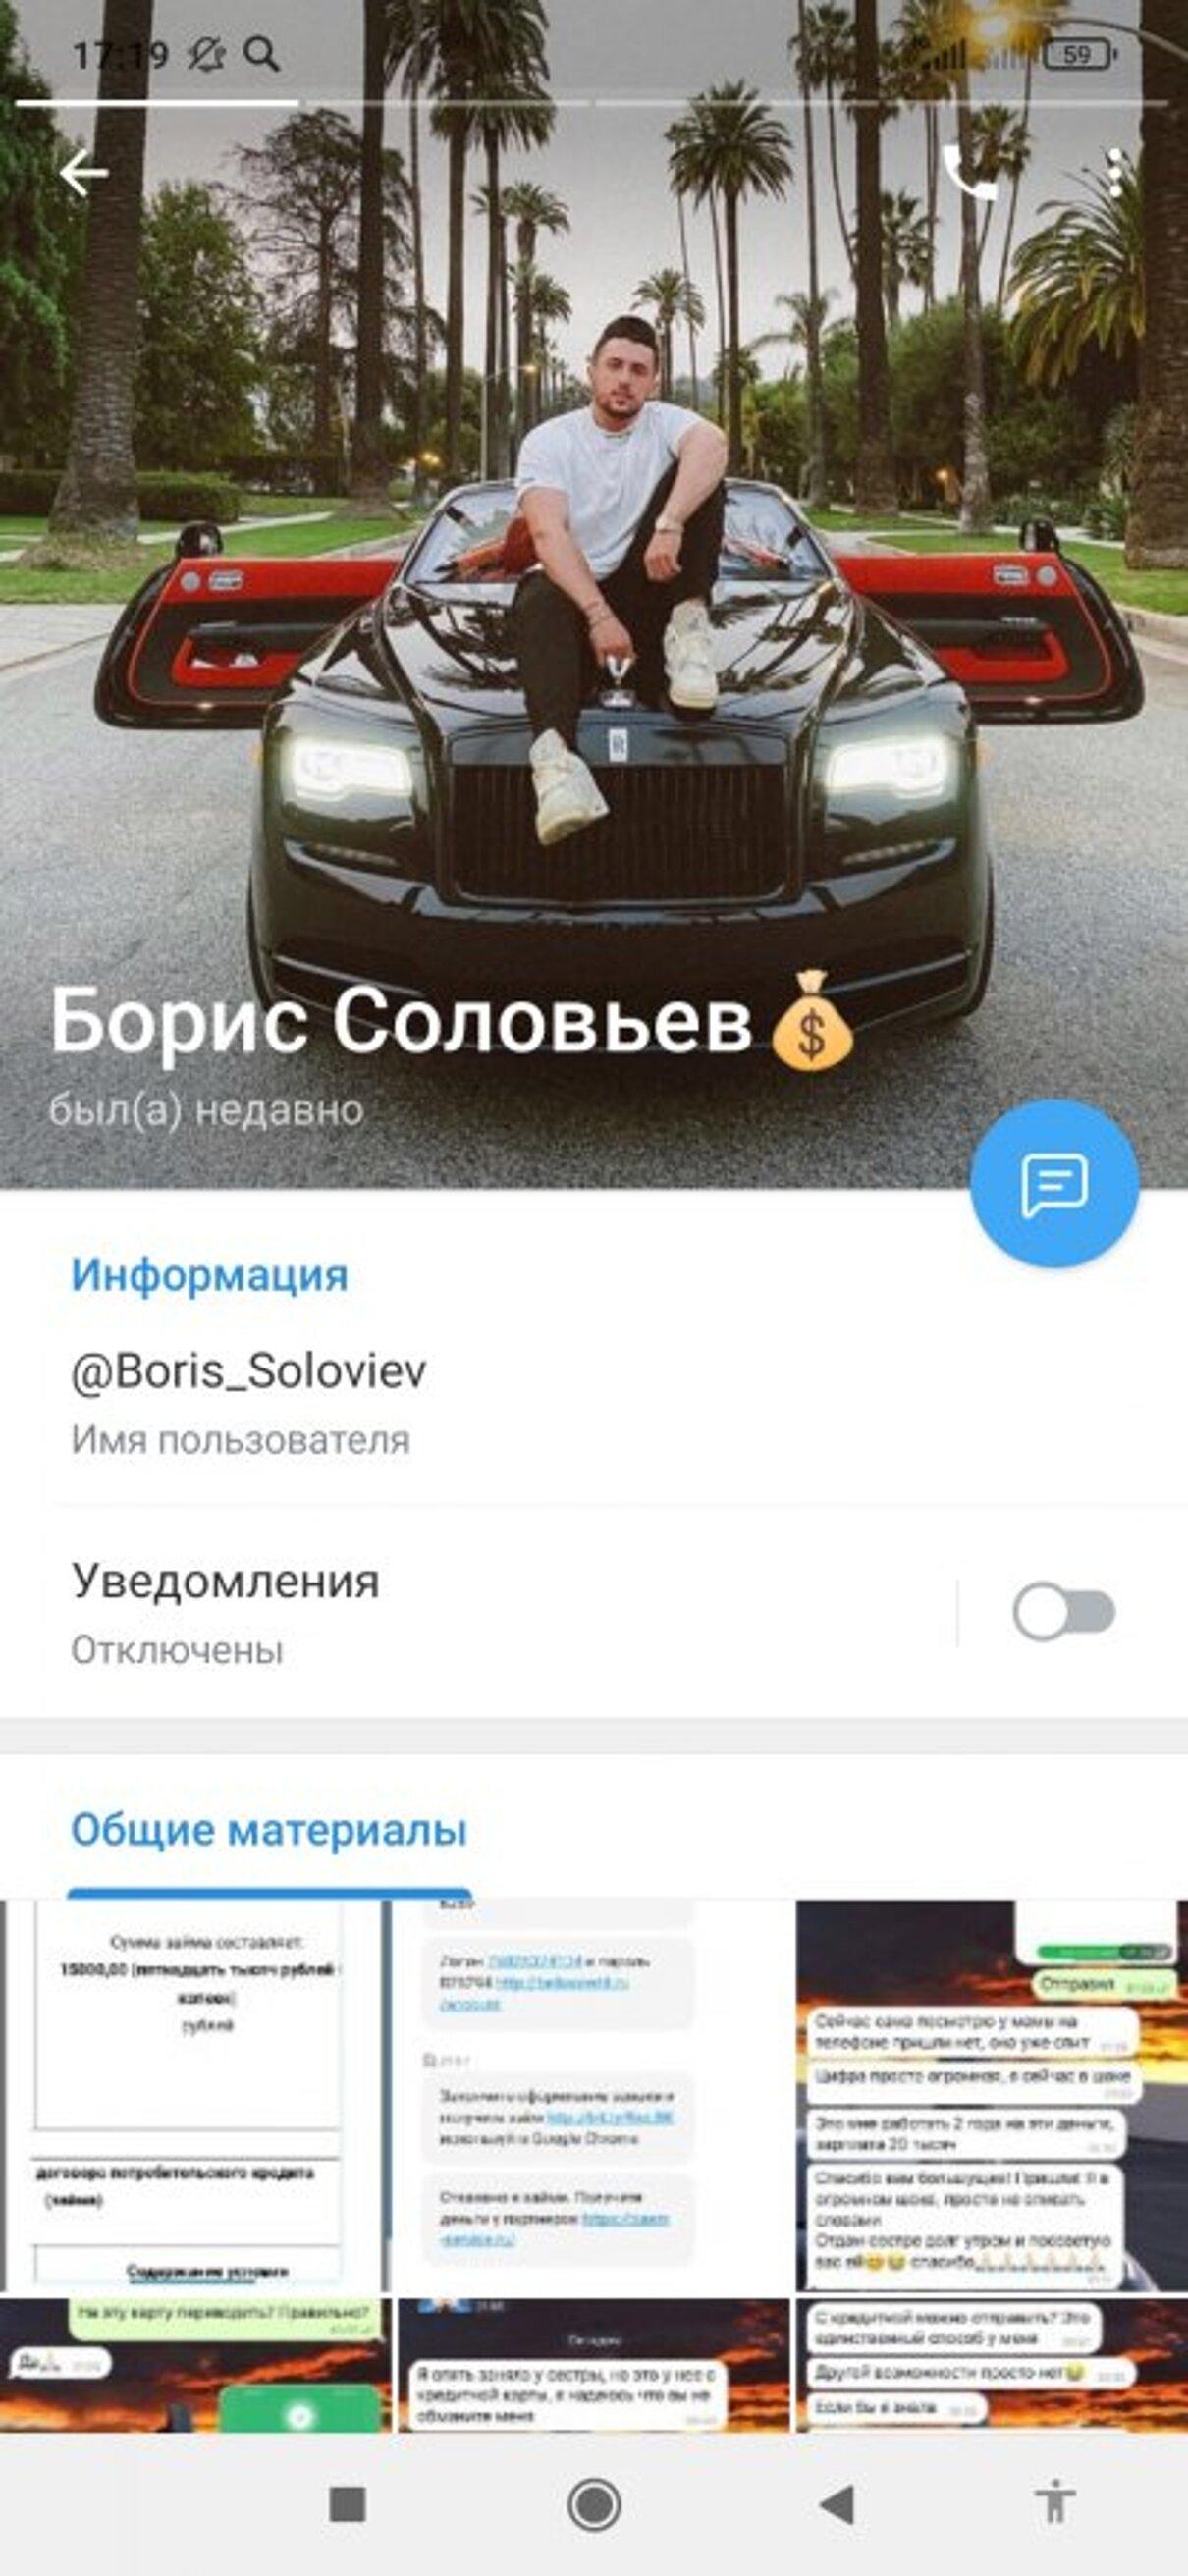 Жалоба-отзыв: Вадим Бекбаев, Борис Соловьев - Мошенничество в интернете.  Фото №2